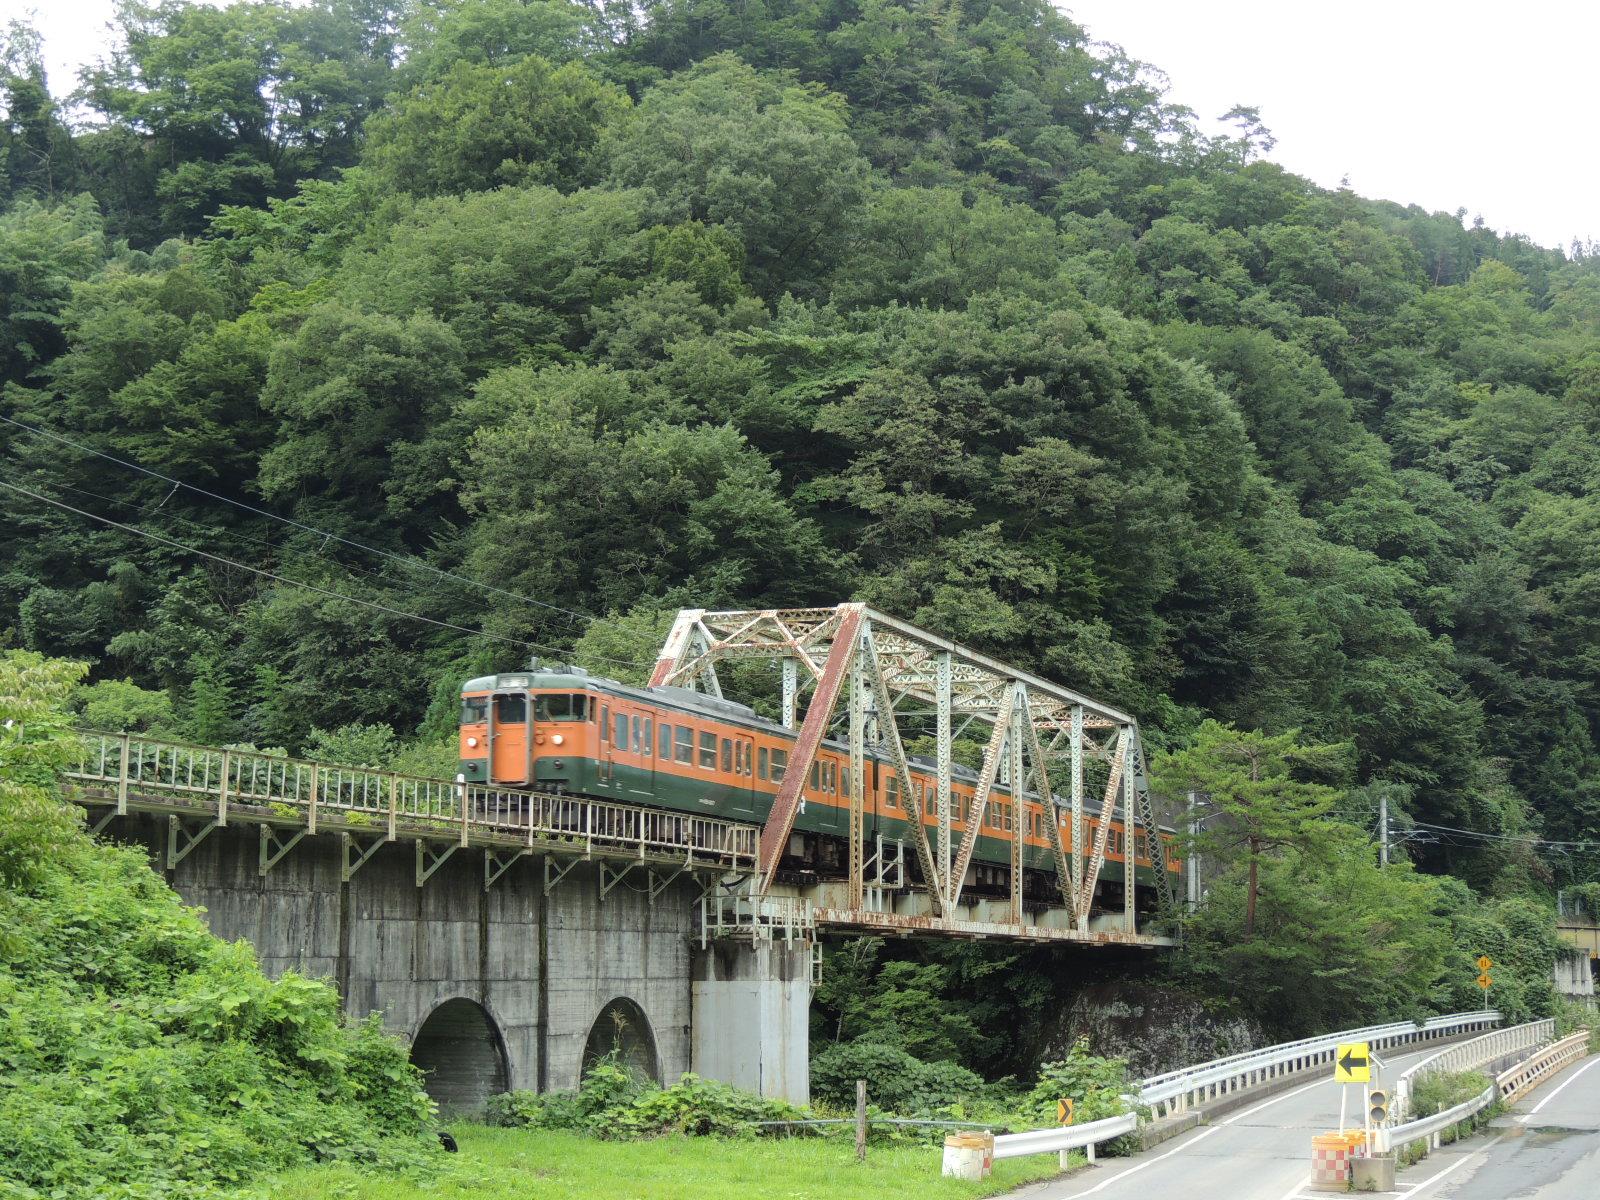 115系吾妻線 川原湯温泉鉄橋 (3)